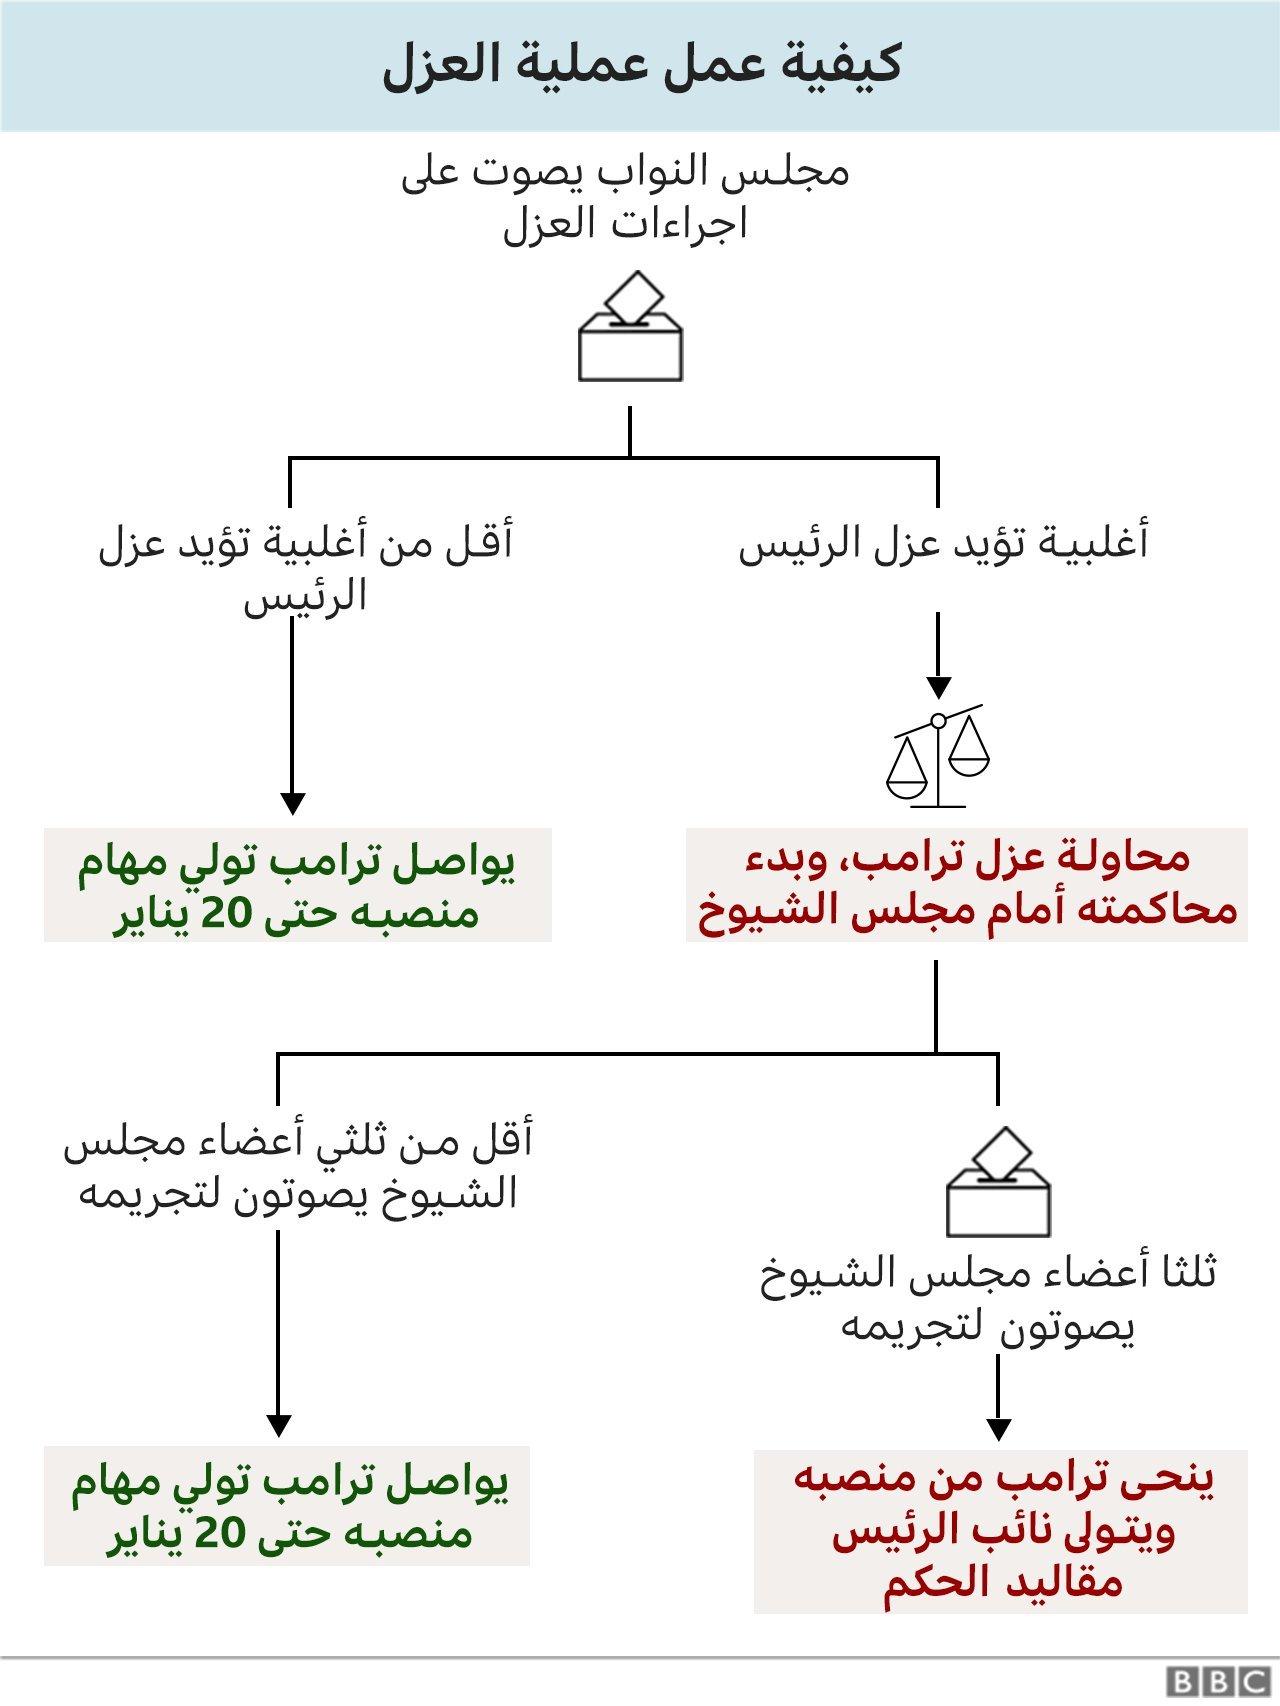 كيفية عمل إجراءات عزل الرئيس